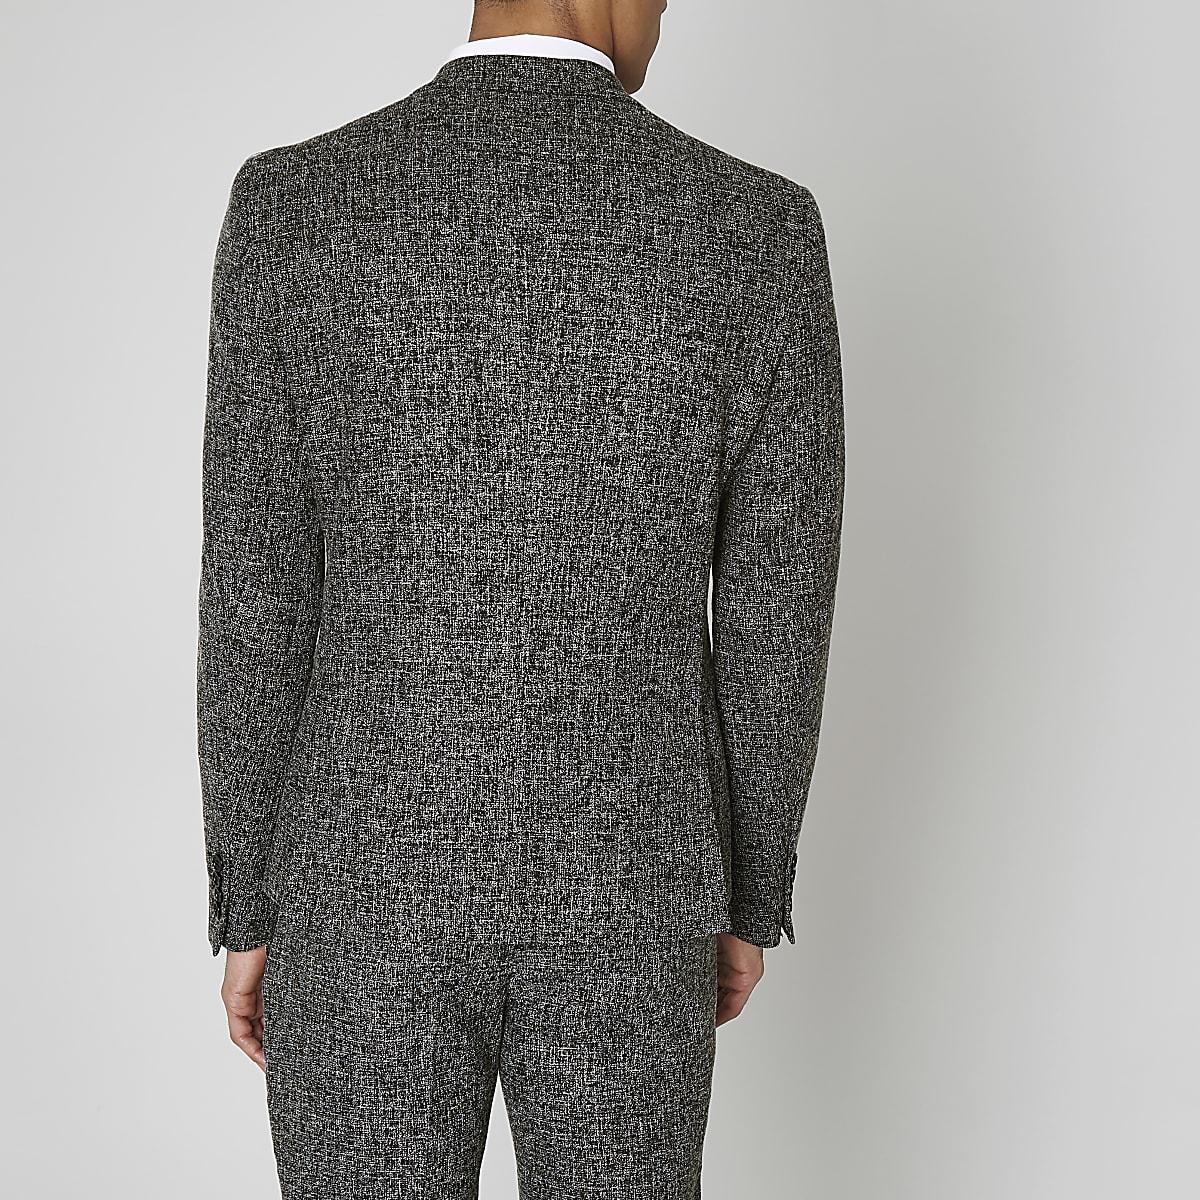 be02fc2b6f3c Navy blue textured skinny fit suit jacket - Suit Jackets - Suits - men